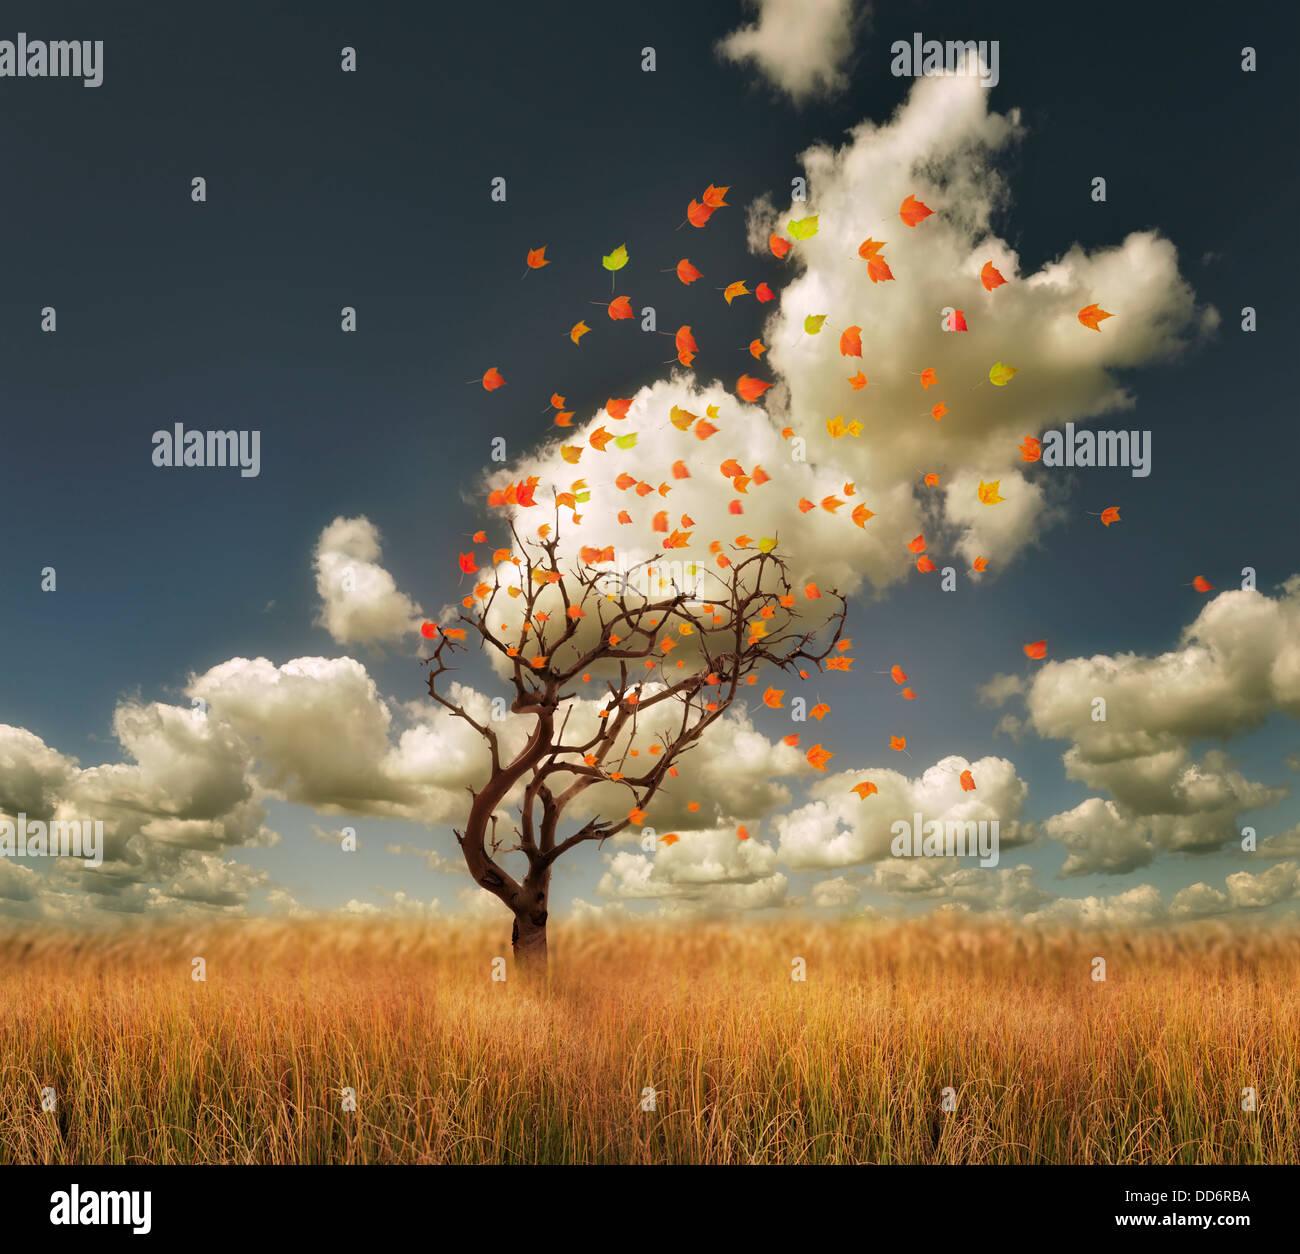 Paisaje otoñal con solitarias y coloridas hojas de árbol Imagen De Stock